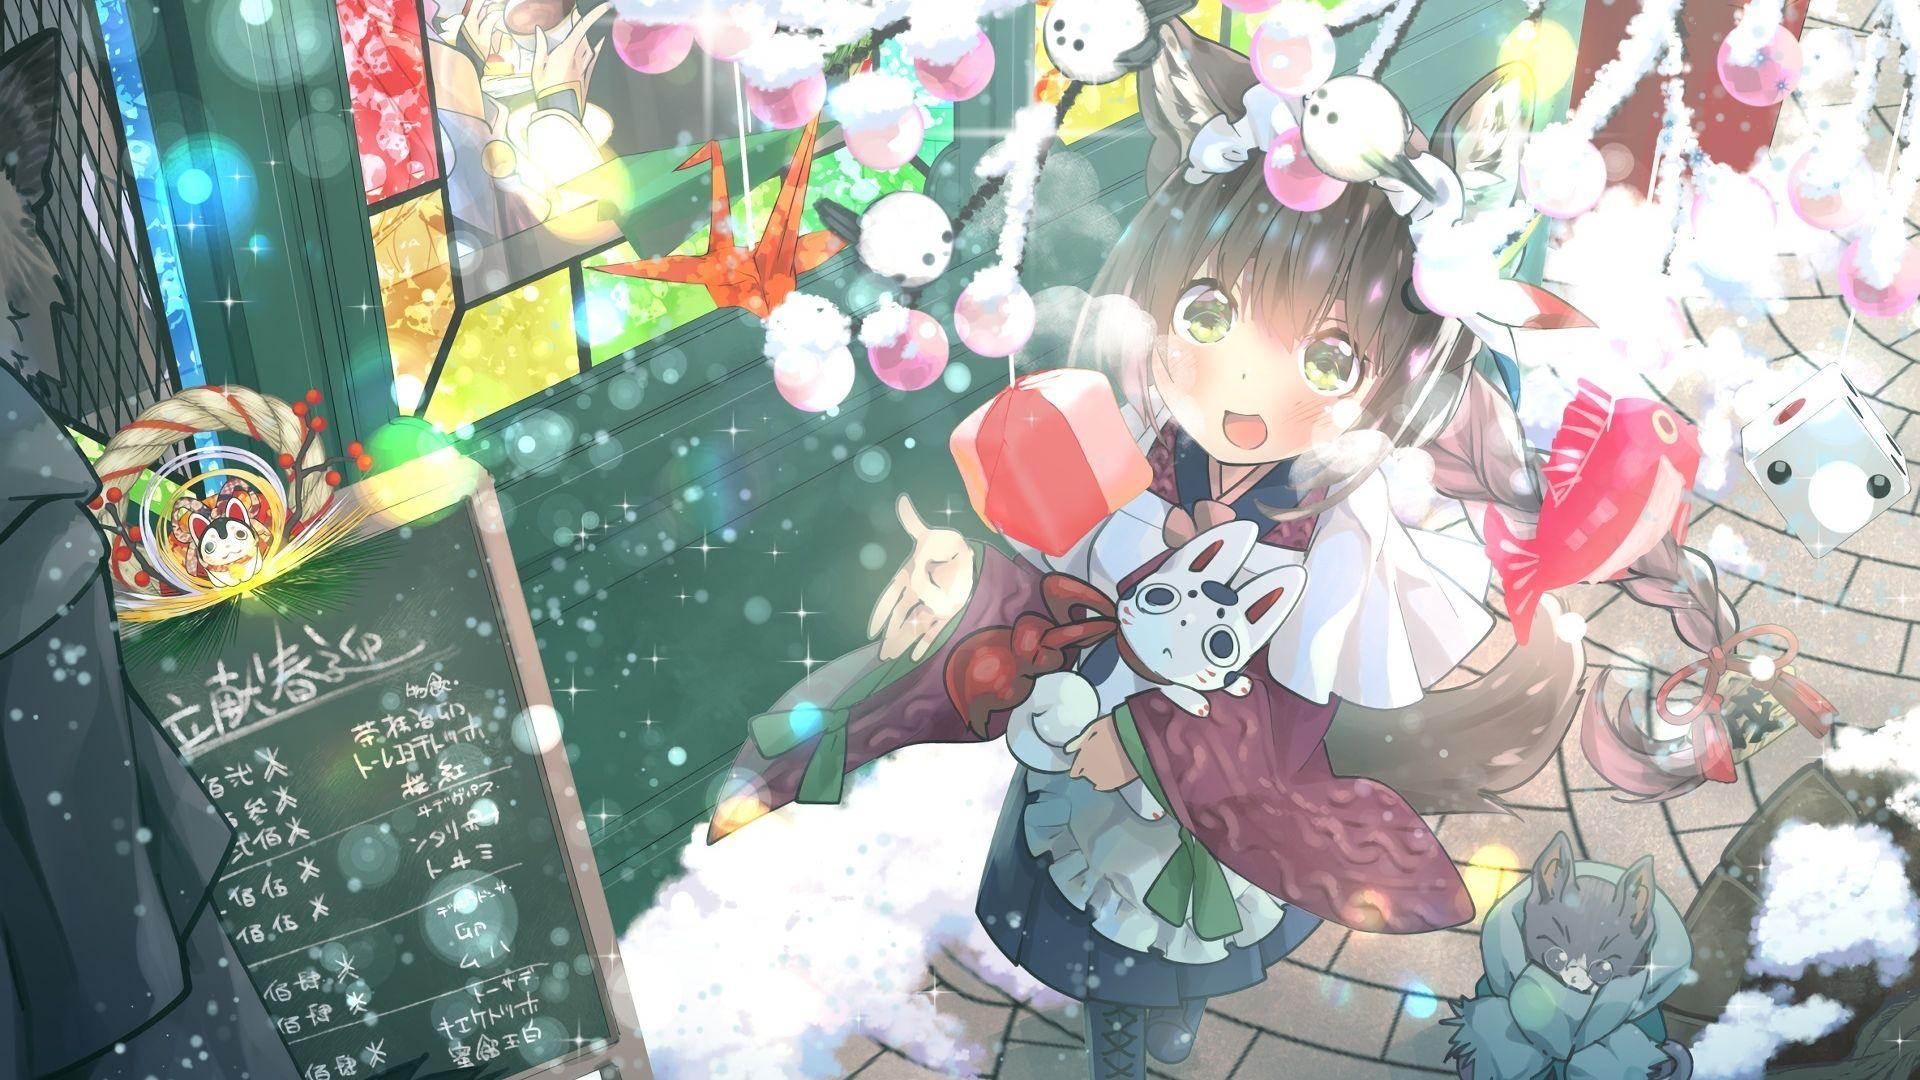 Desktop Wallpaper Christmas, Anime Girl, Happiness, Hd Image ...